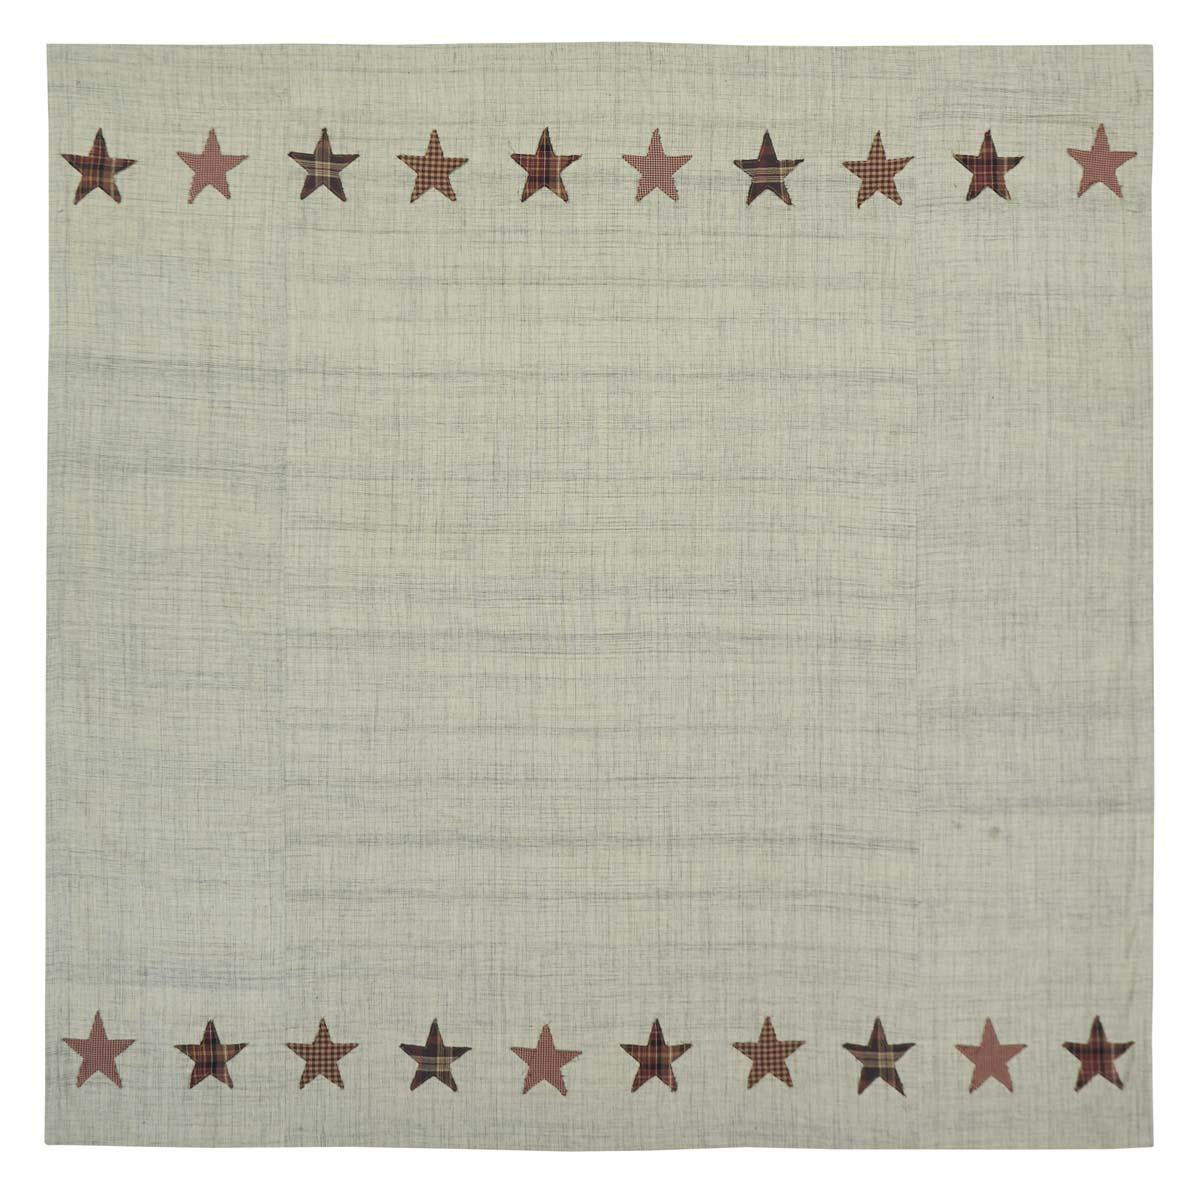 Abilene Star Shower Curtain 72x72